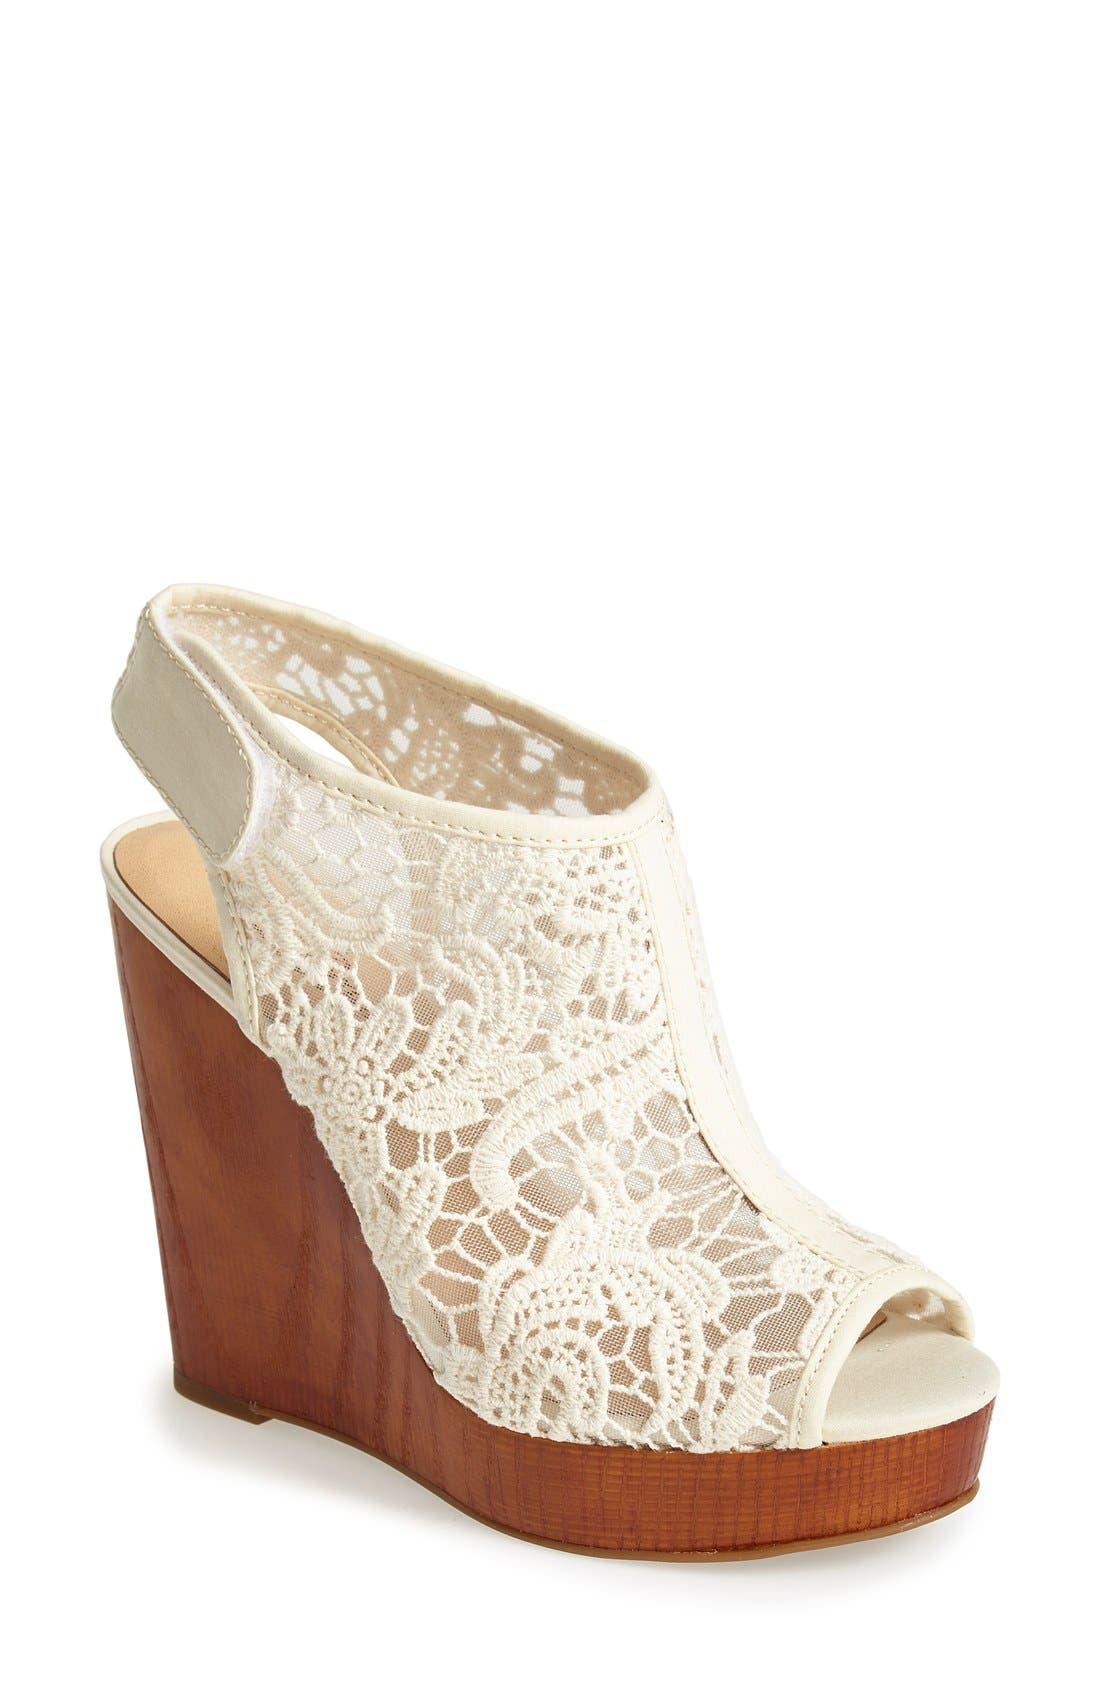 Main Image - Lucky Brand 'Rezdah' Wedge Platform Sandal (Women)